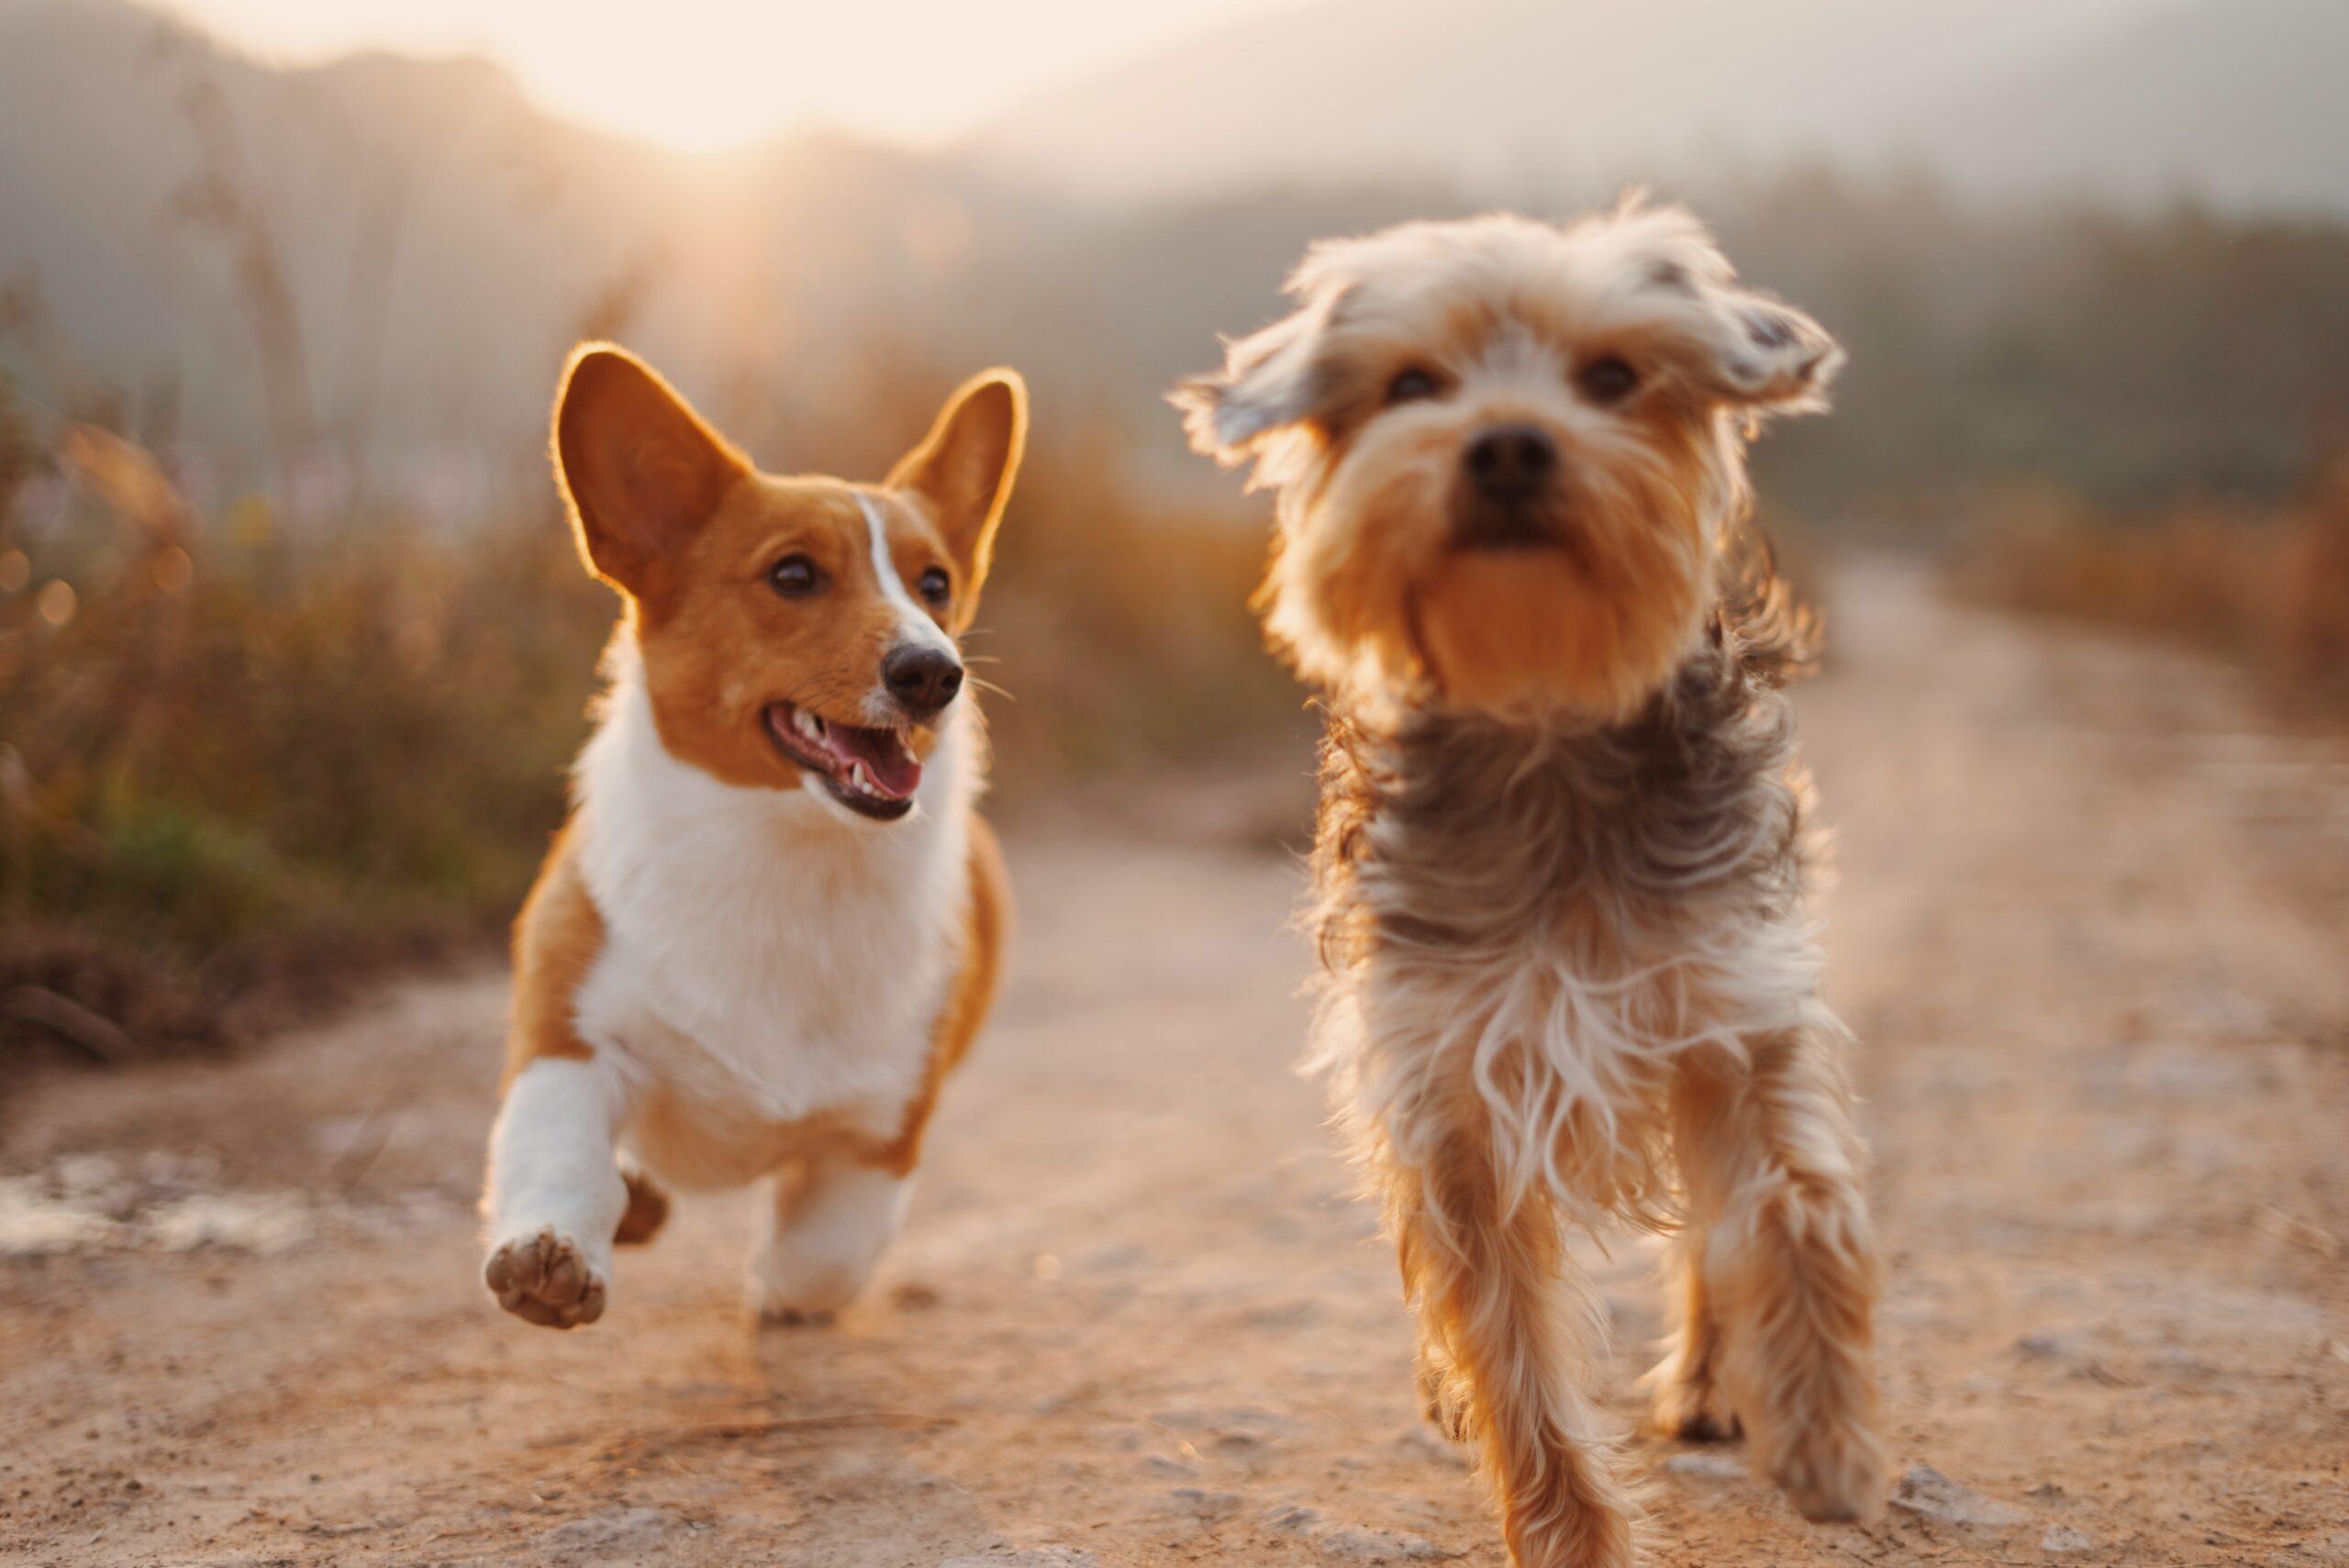 Für Zwischendurch: Gesunde Snacks für Hunde